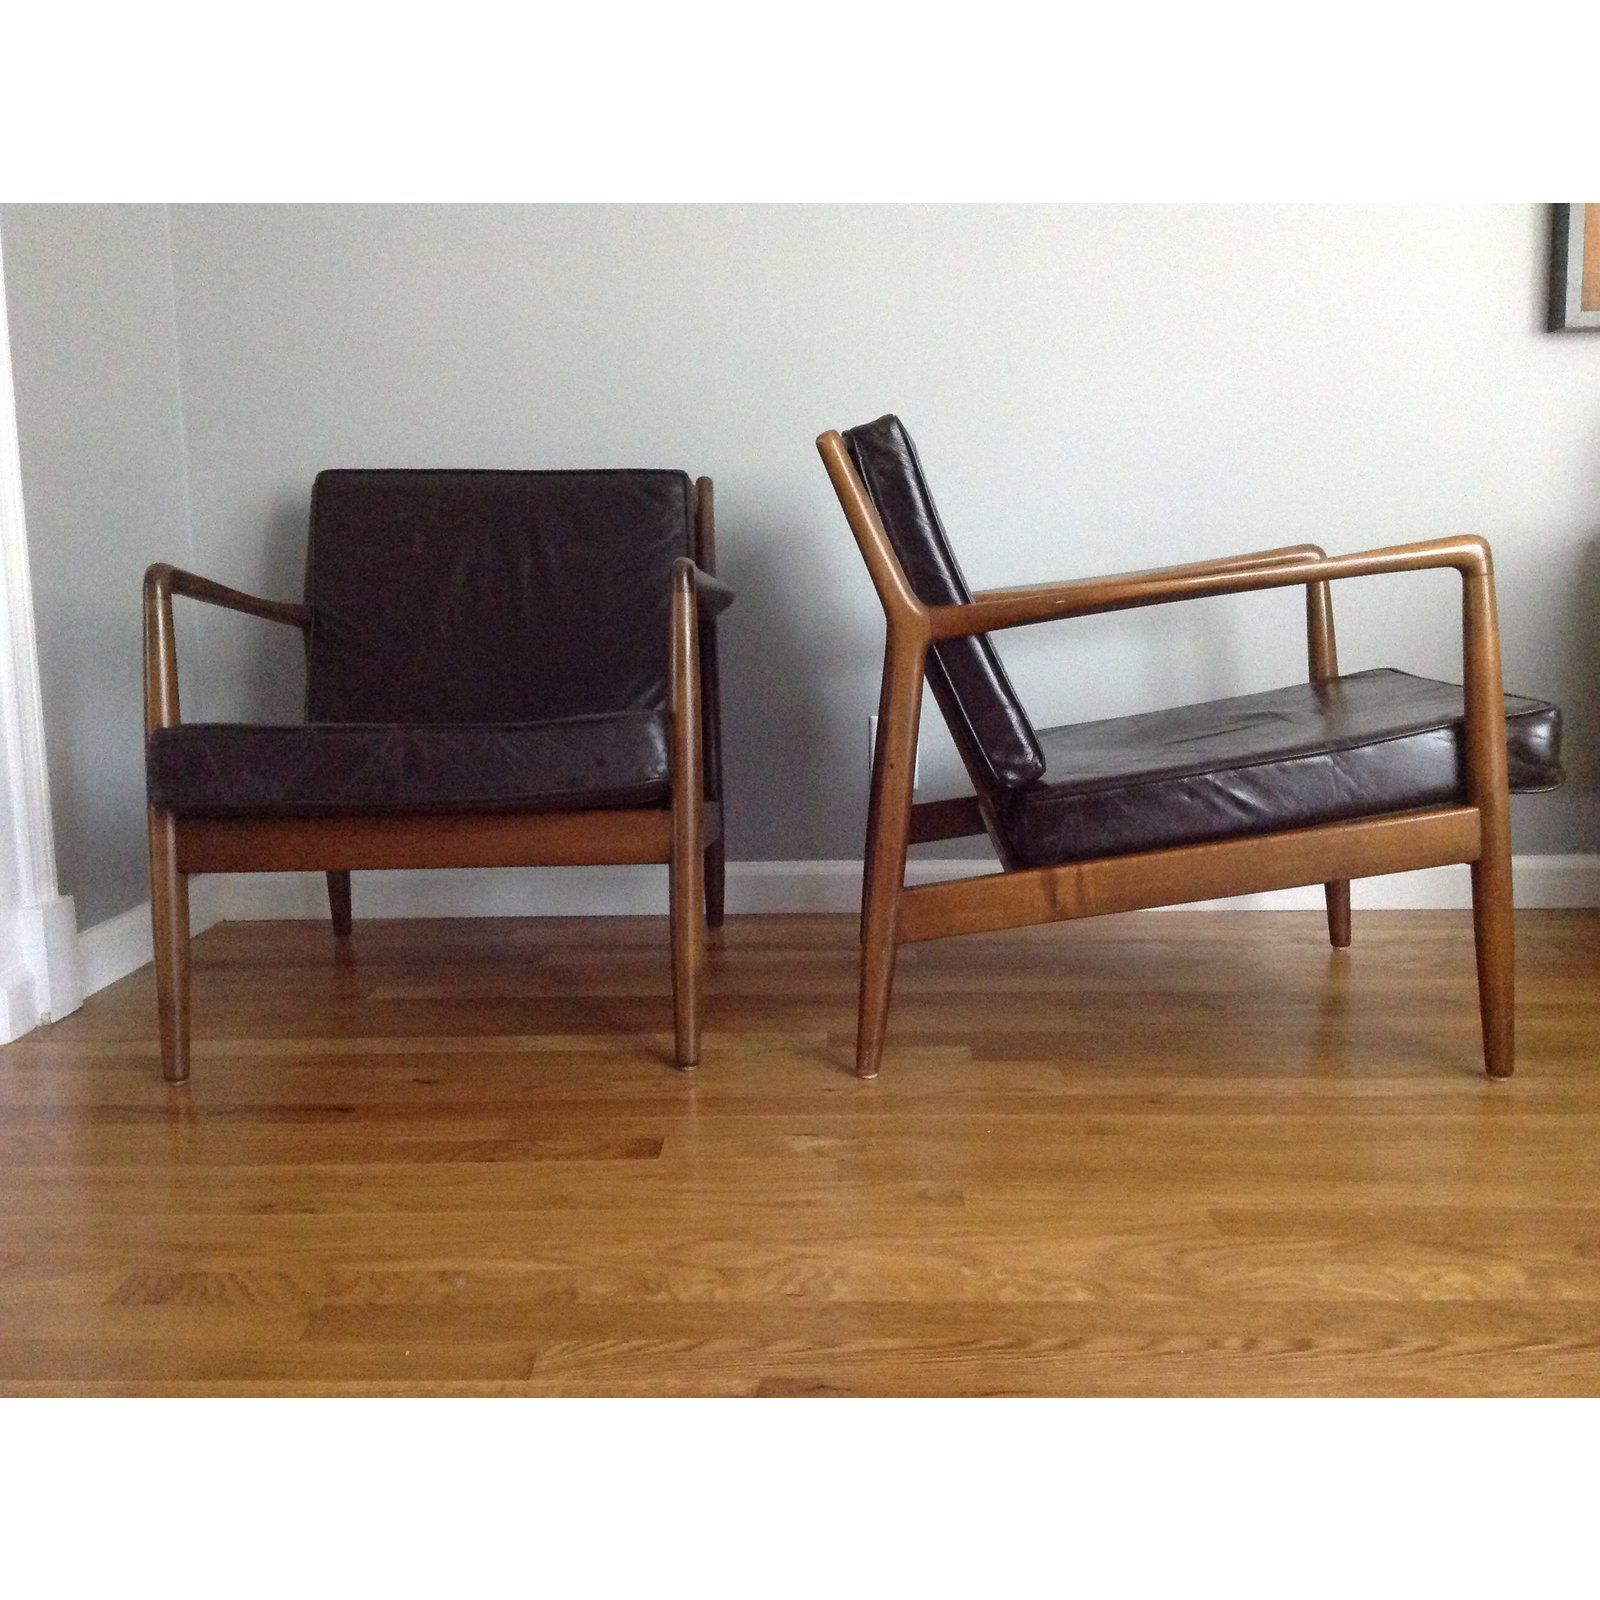 Dux Folke Ohlsson Lounge Chair Chair Lounge Chair Design